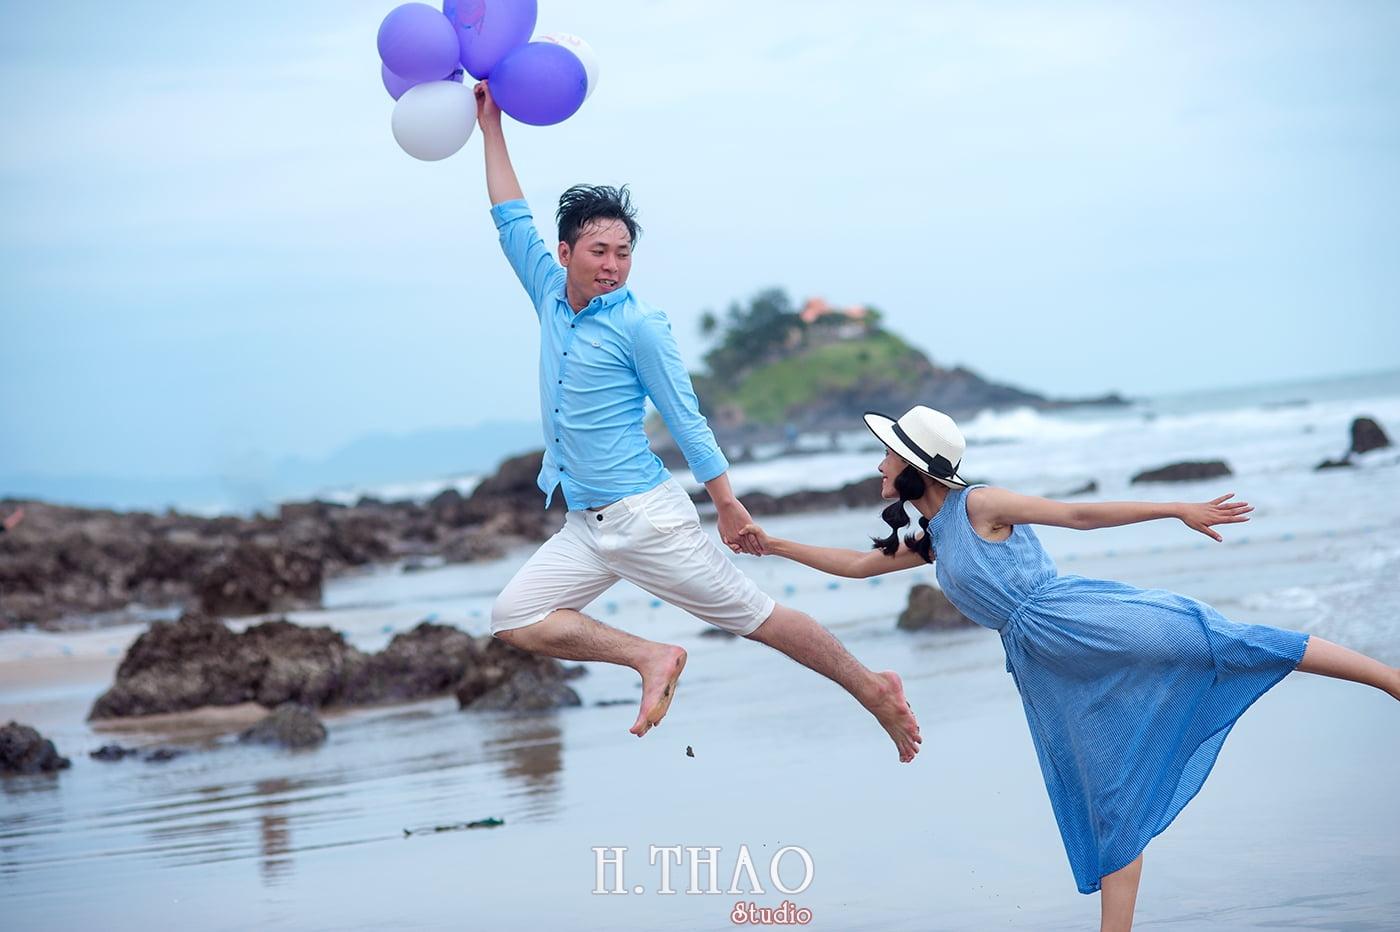 anh 367 - Ảnh cưới Mũi Nghinh Phong, Vũng Tàu